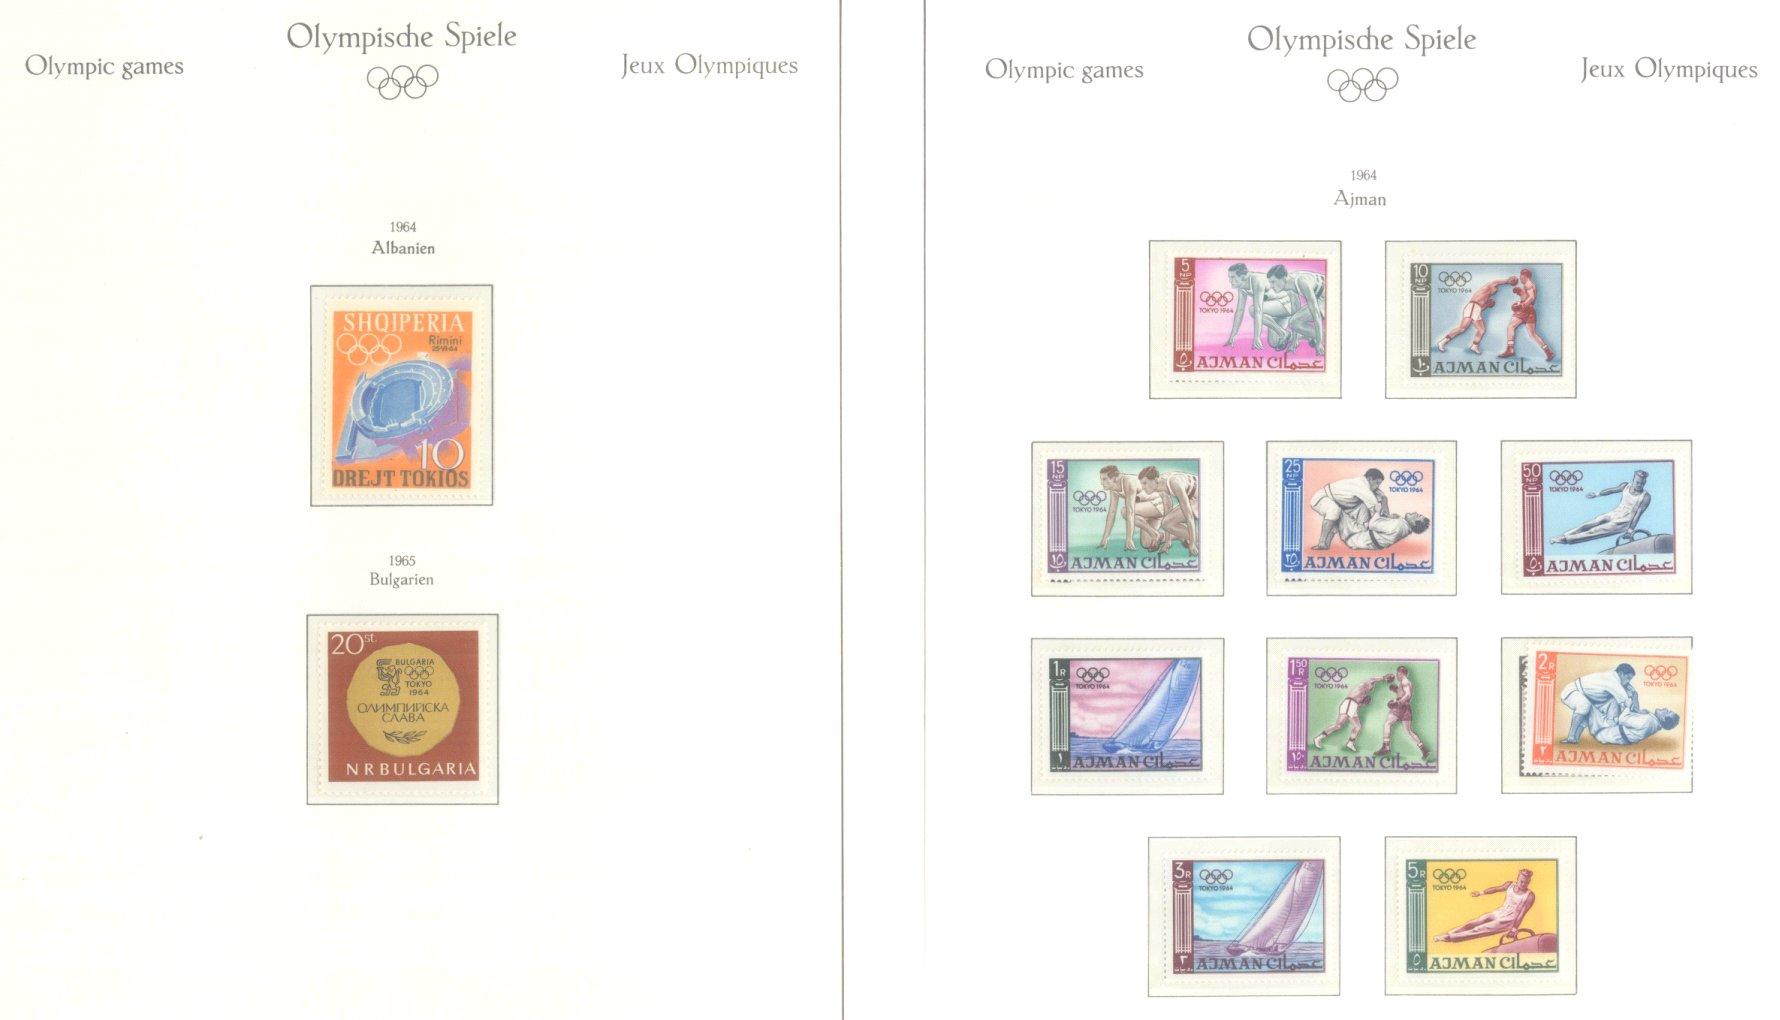 OLYMPISCHE SPIELE 1964 TOKIO, postfrische Sammlung Teil 1-57